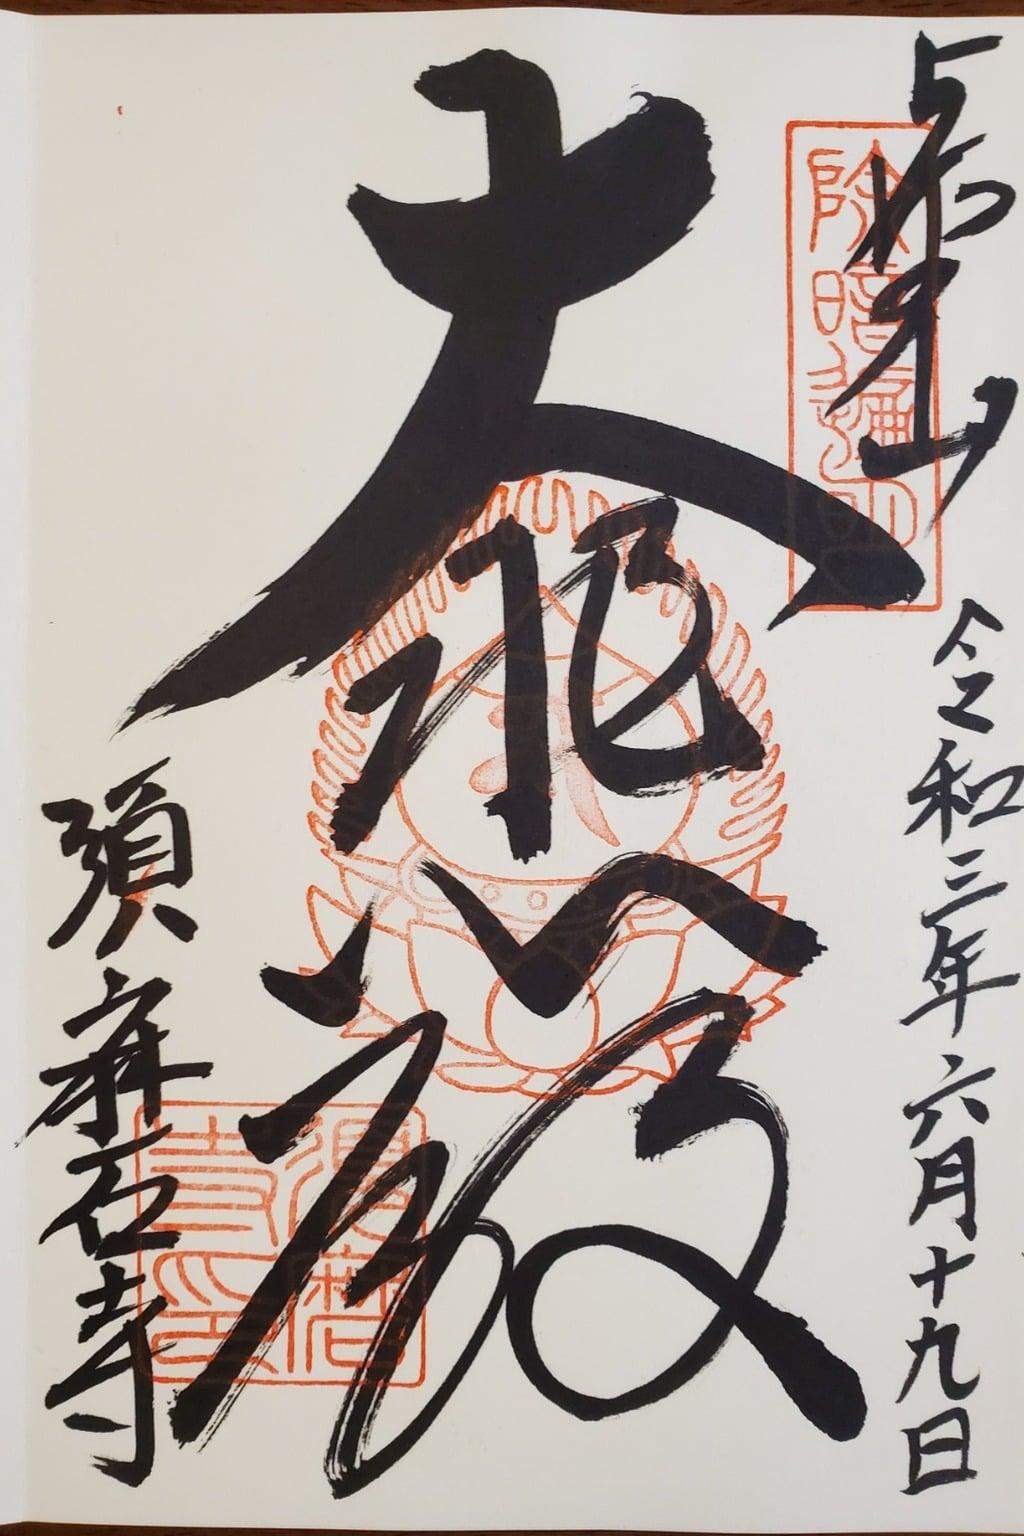 福祥寺(須磨寺)の御朱印